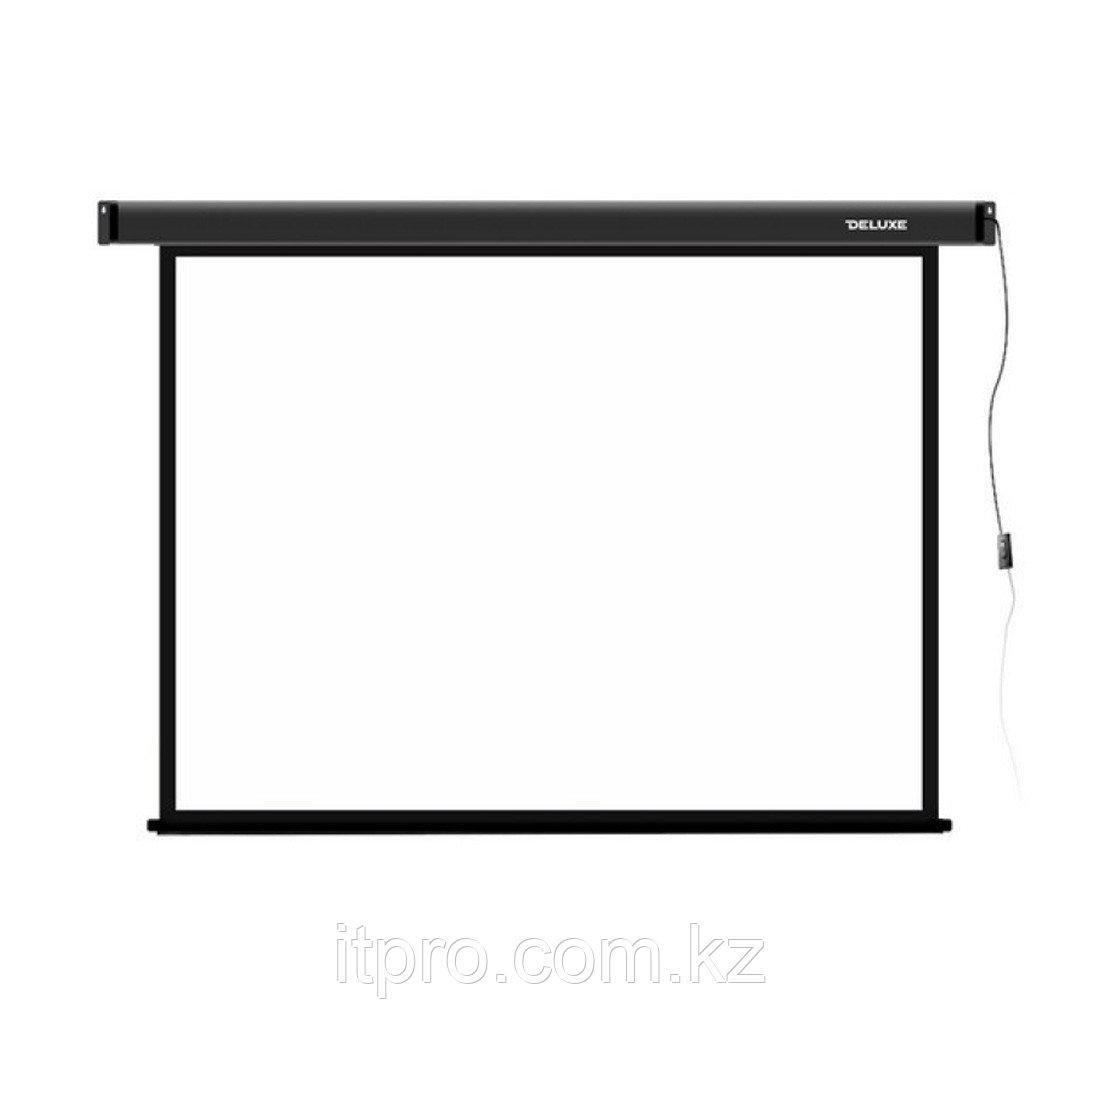 Экран настенный Deluxe DLS-M229-185W